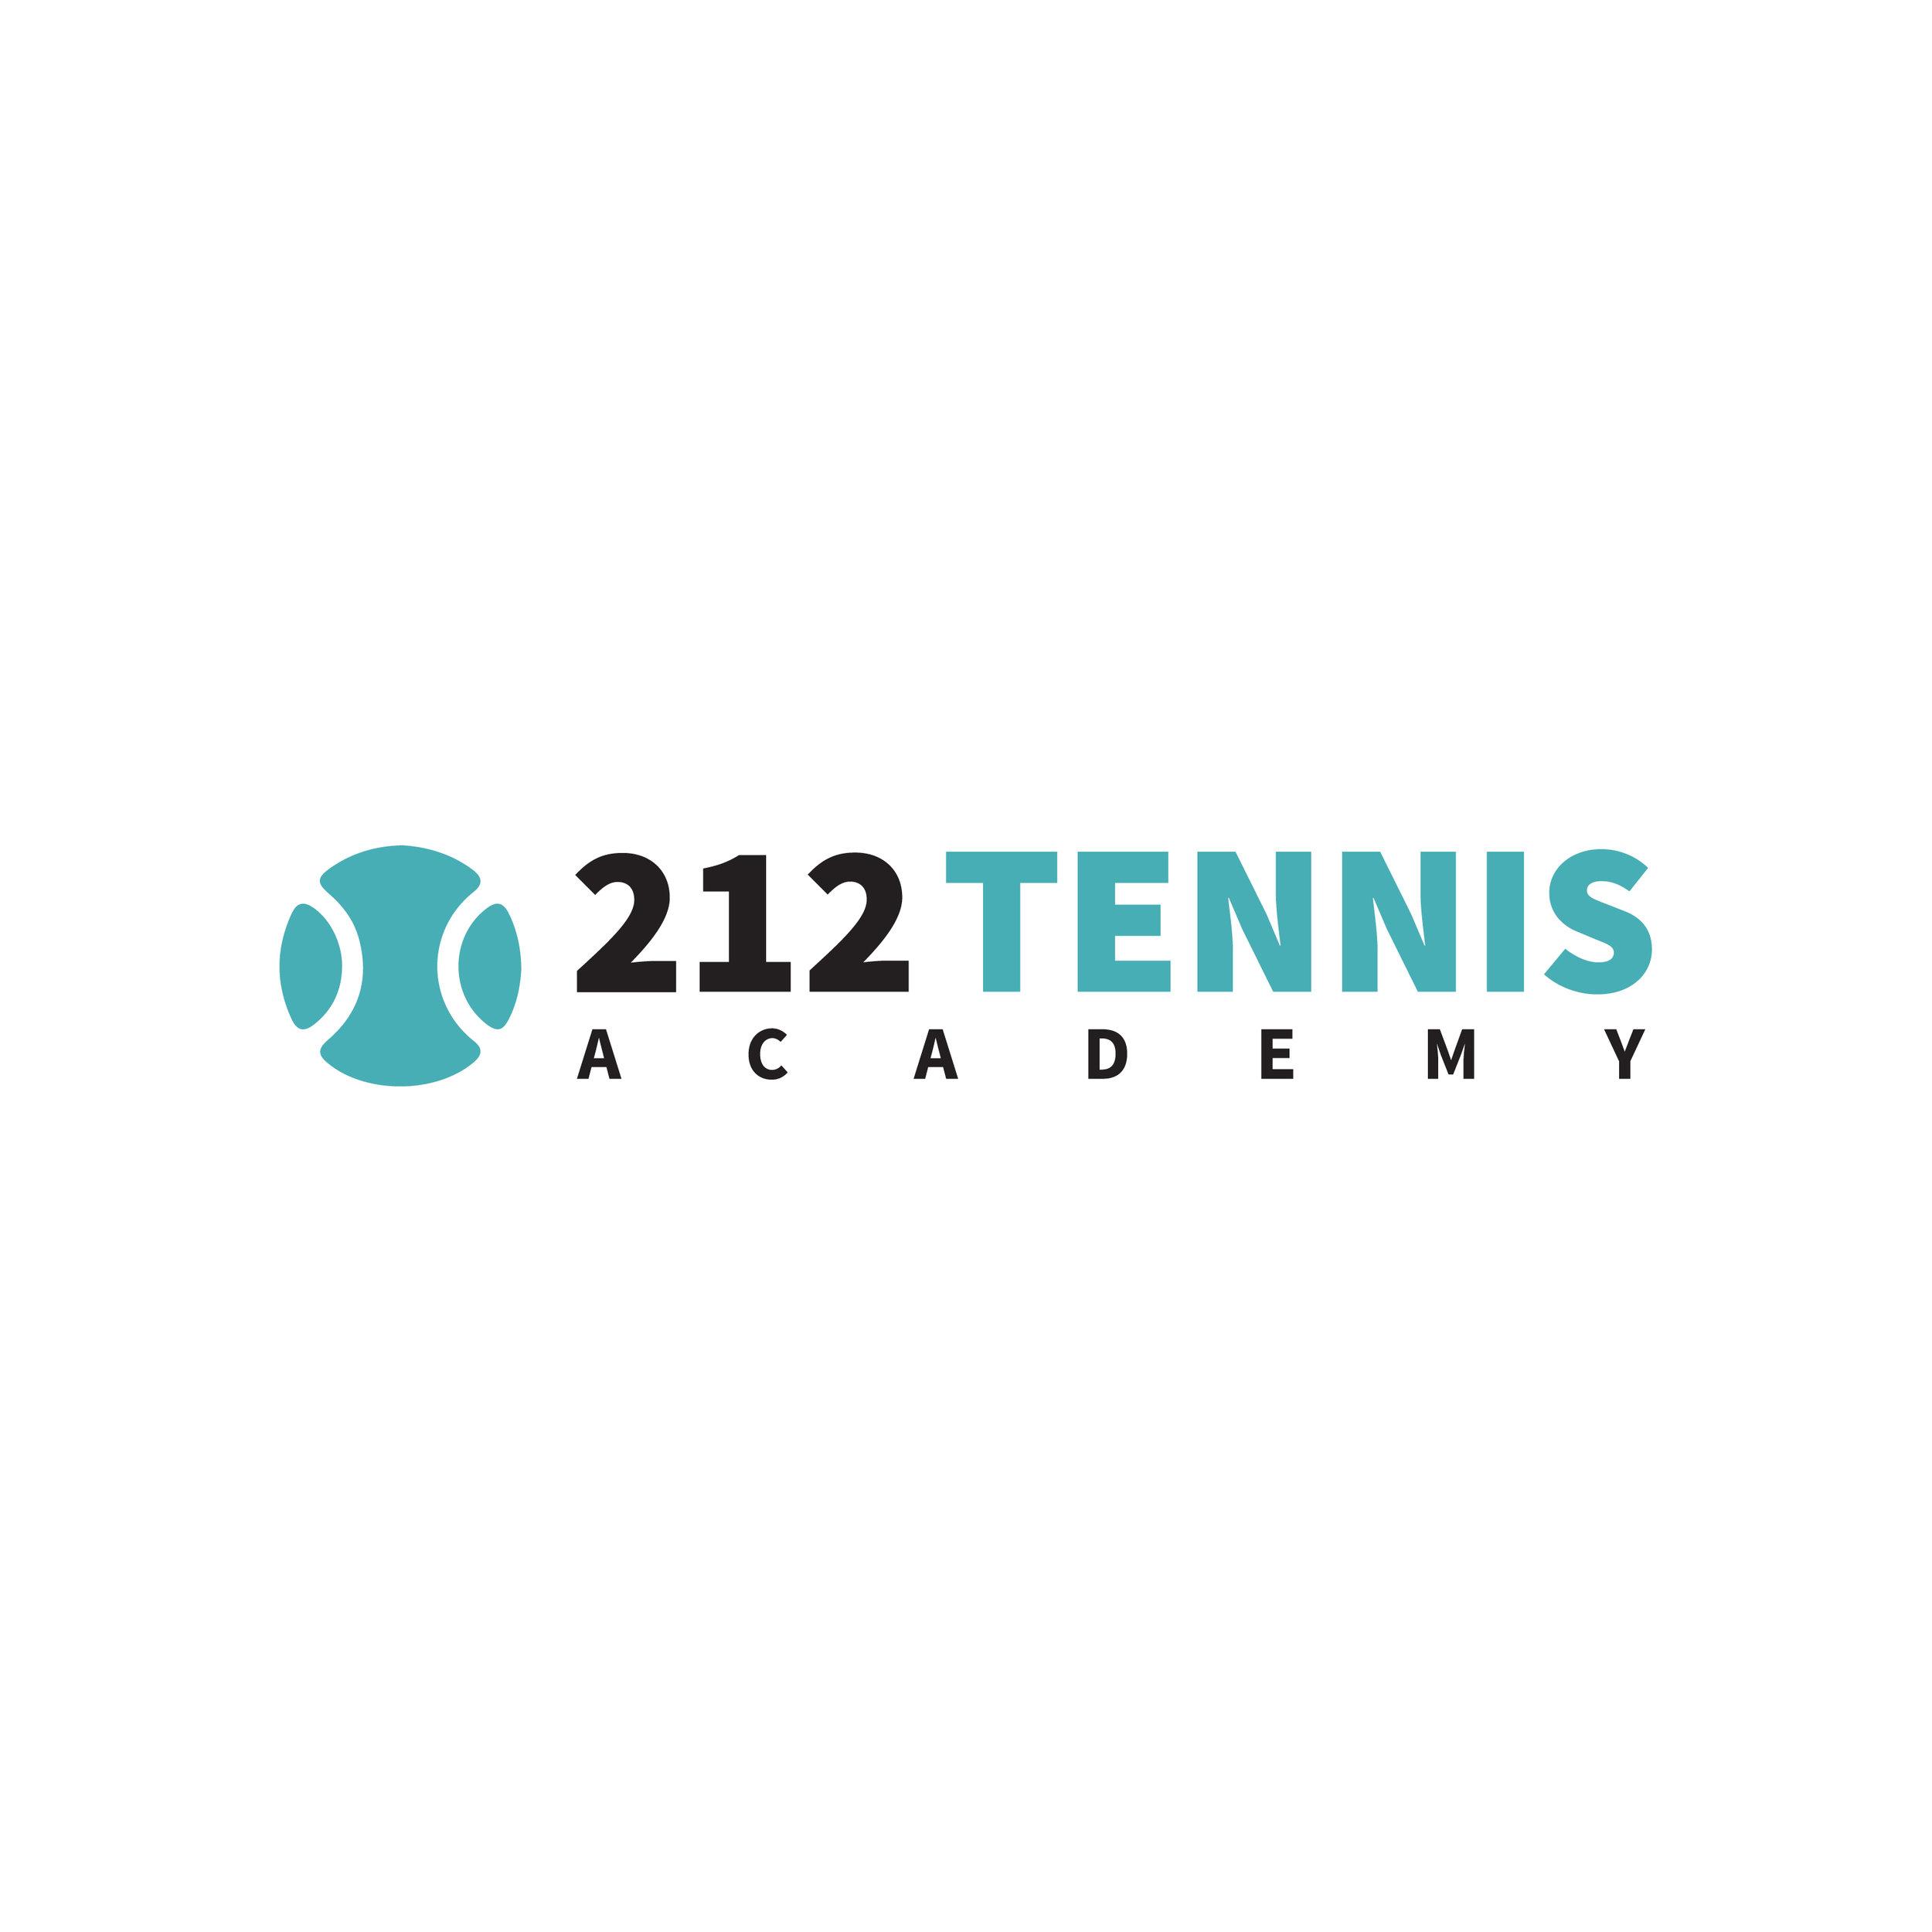 212 Tennis.jpg